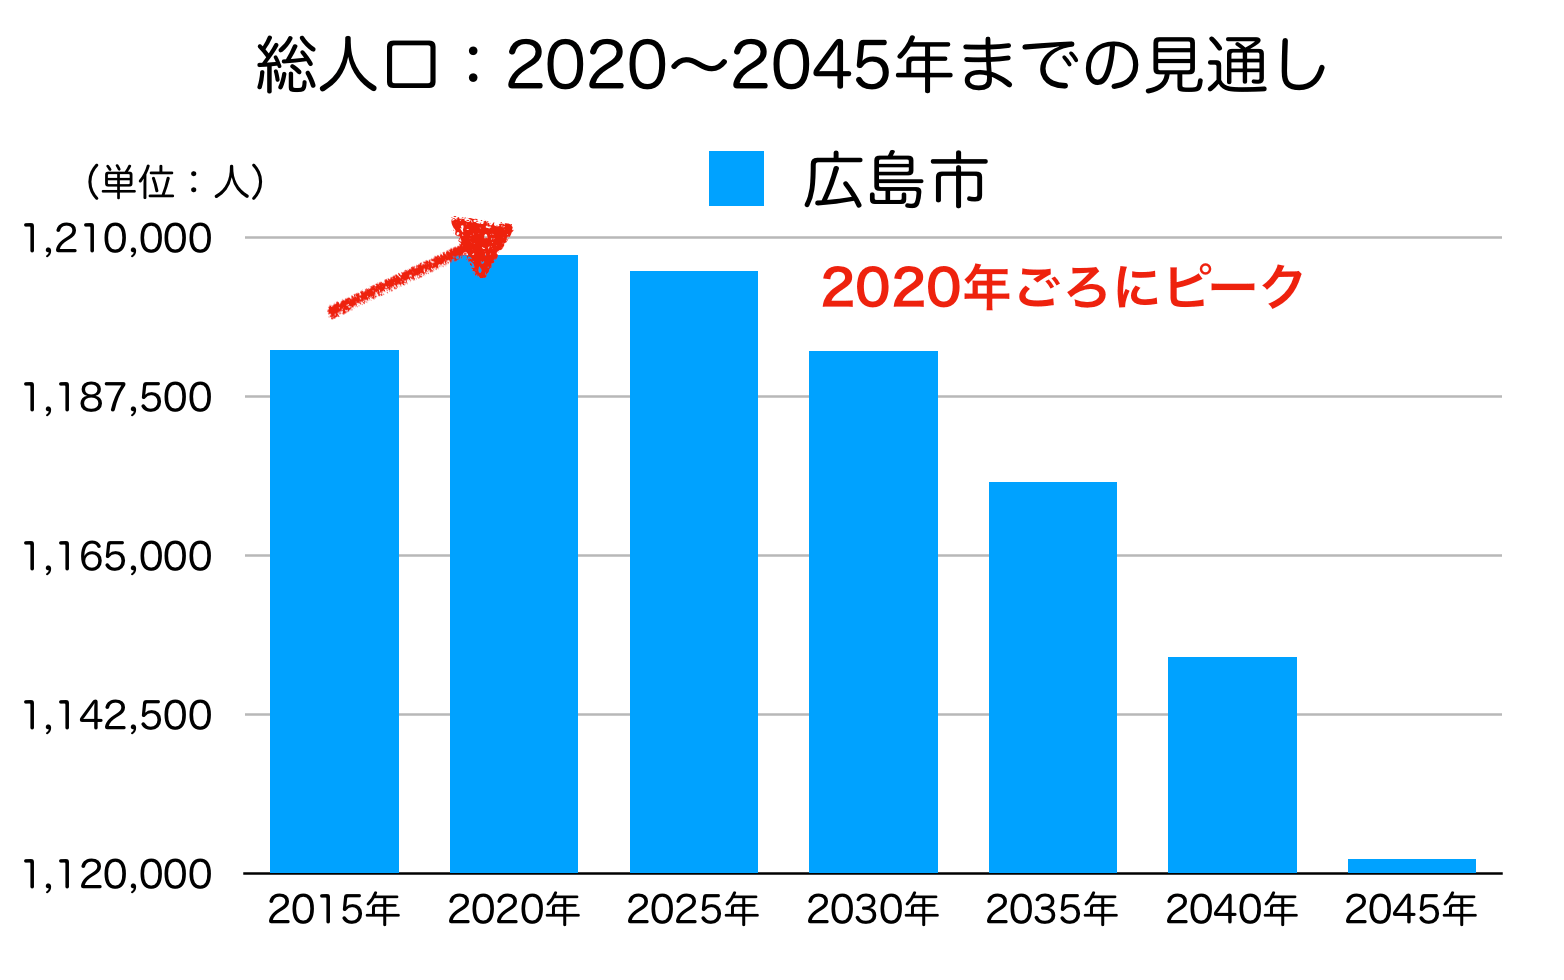 広島市の人口予測